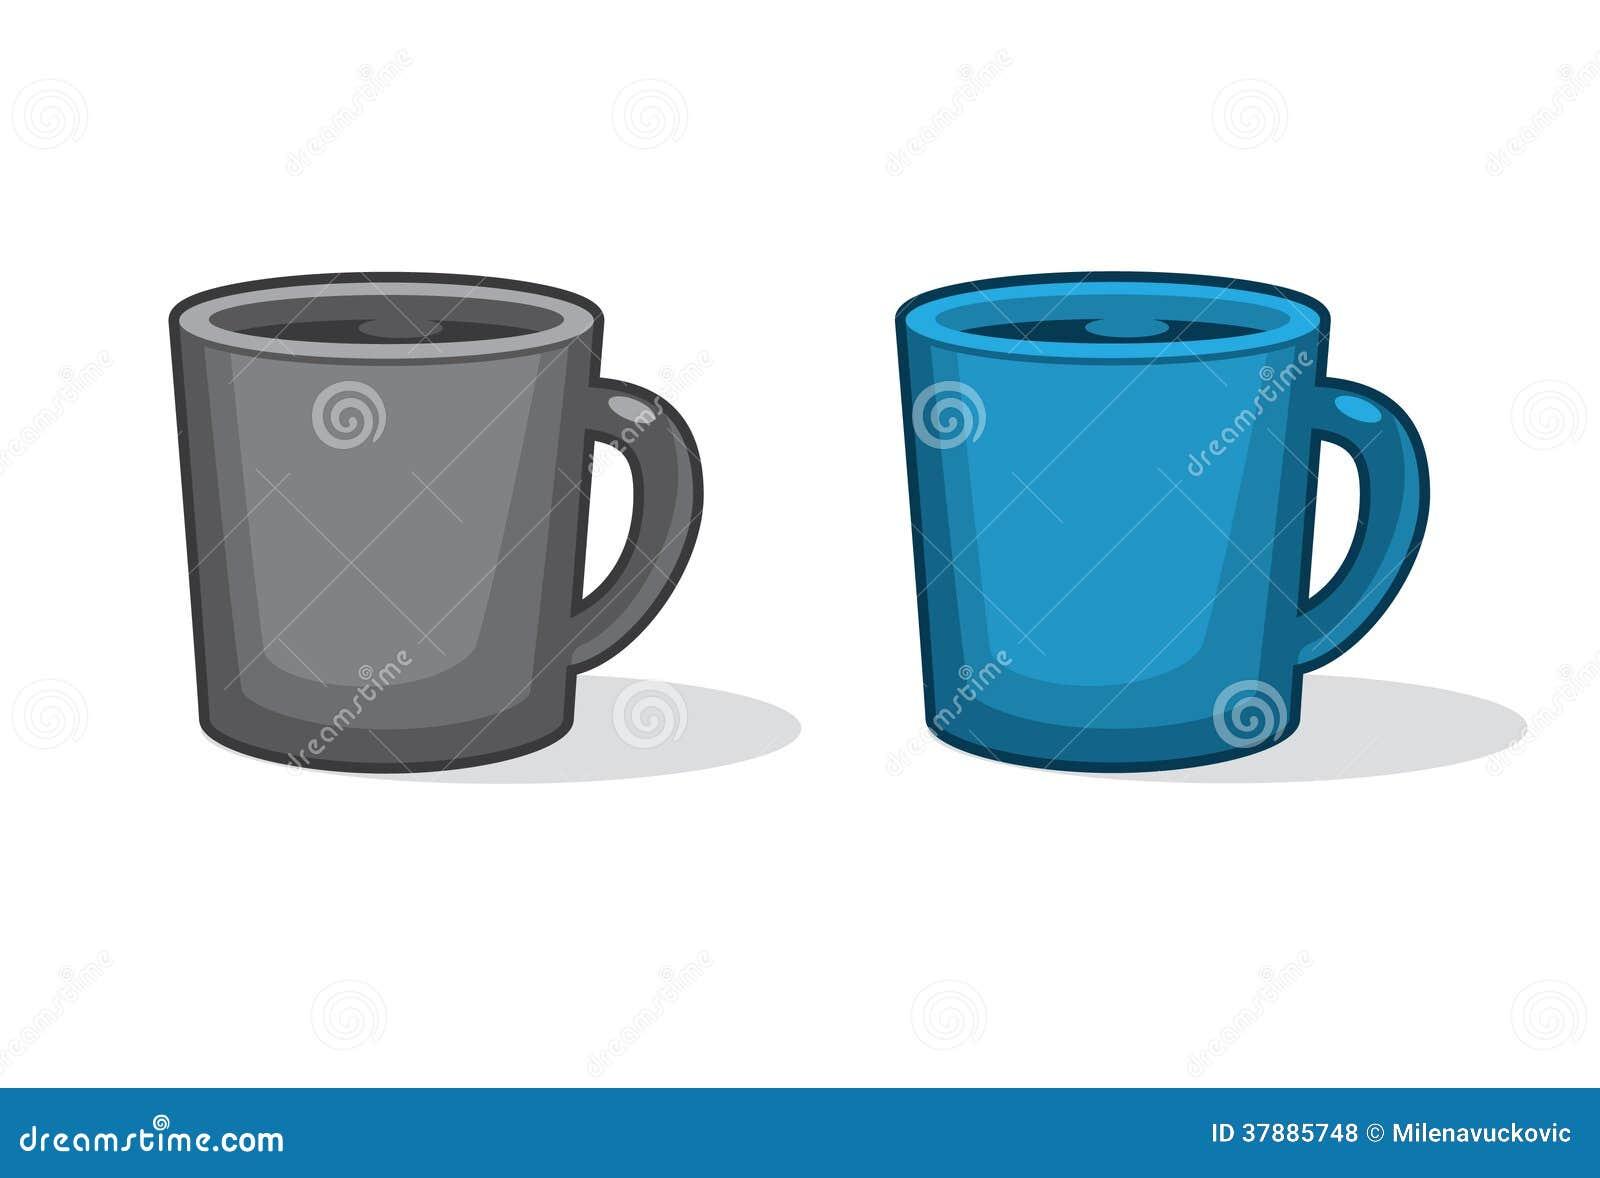 Tazze ceramiche